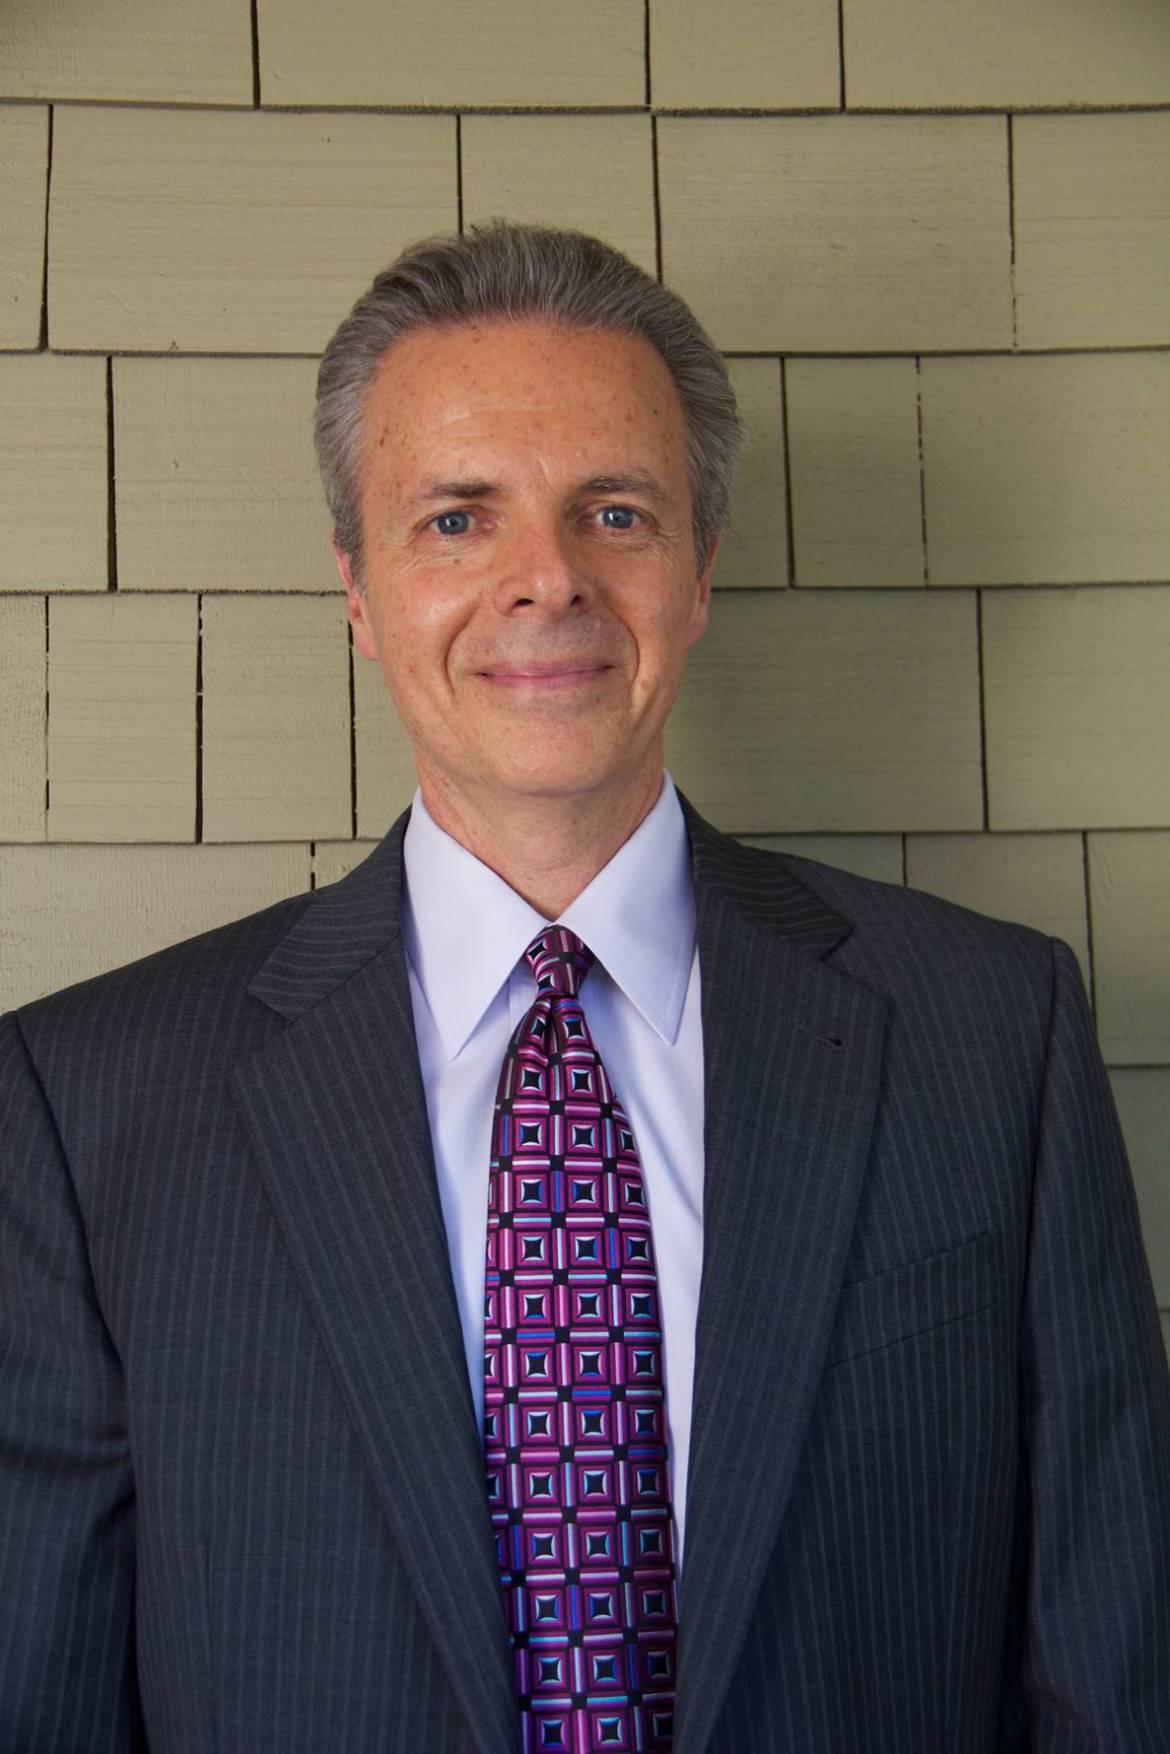 Jesús Ramos. Founding Partner